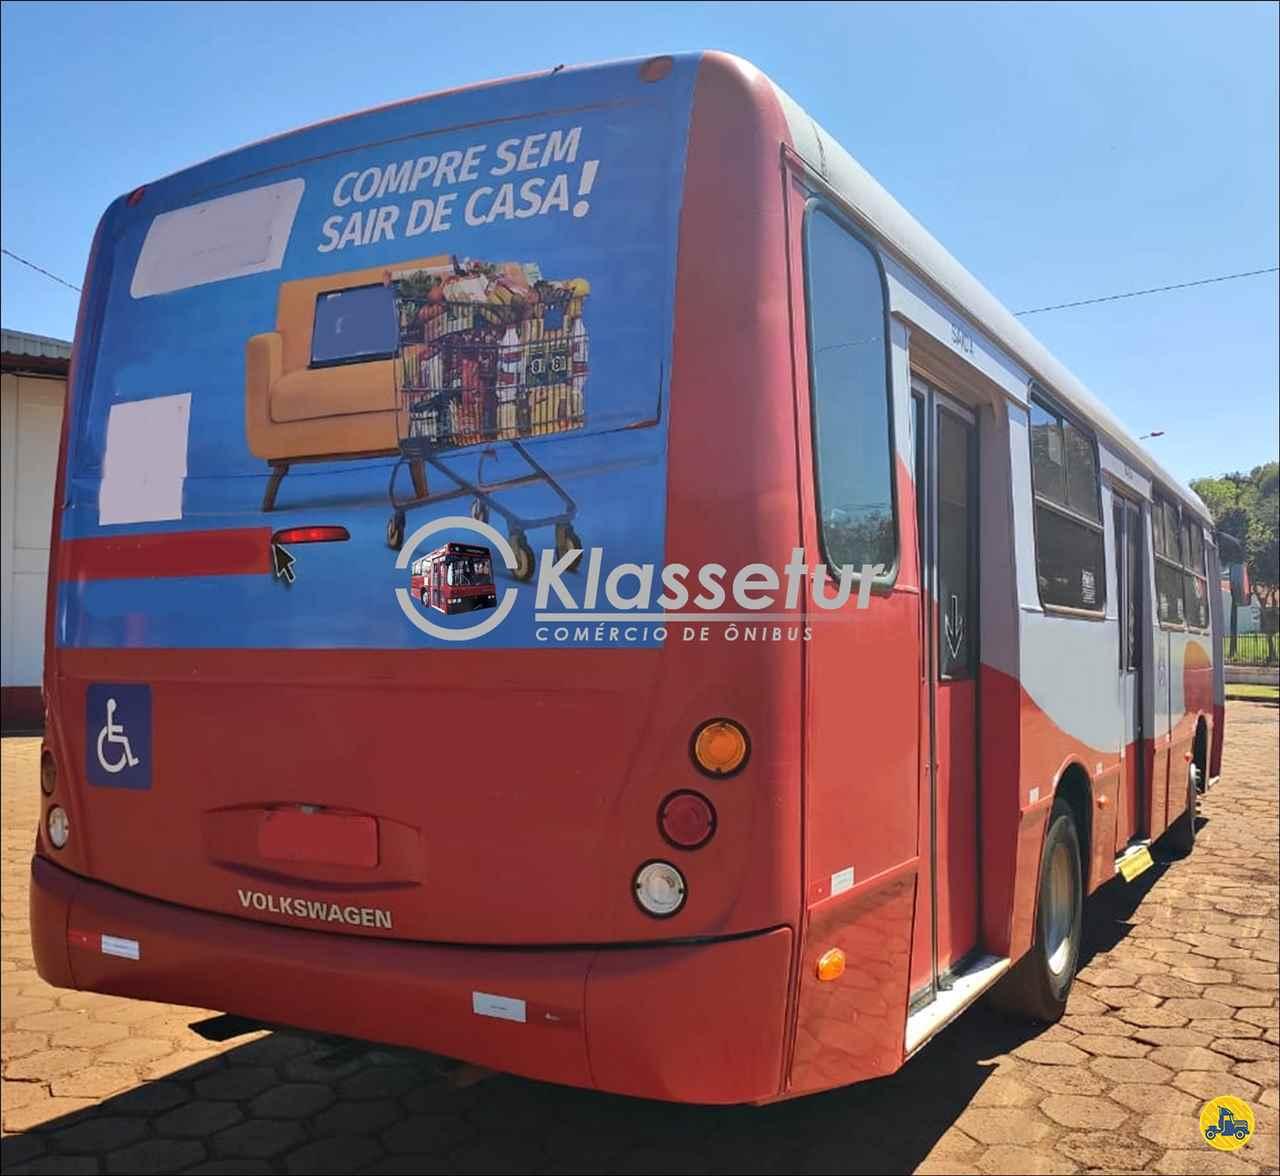 COMIL Svelto  2007/2008 Klassetur Comércio de Ônibus